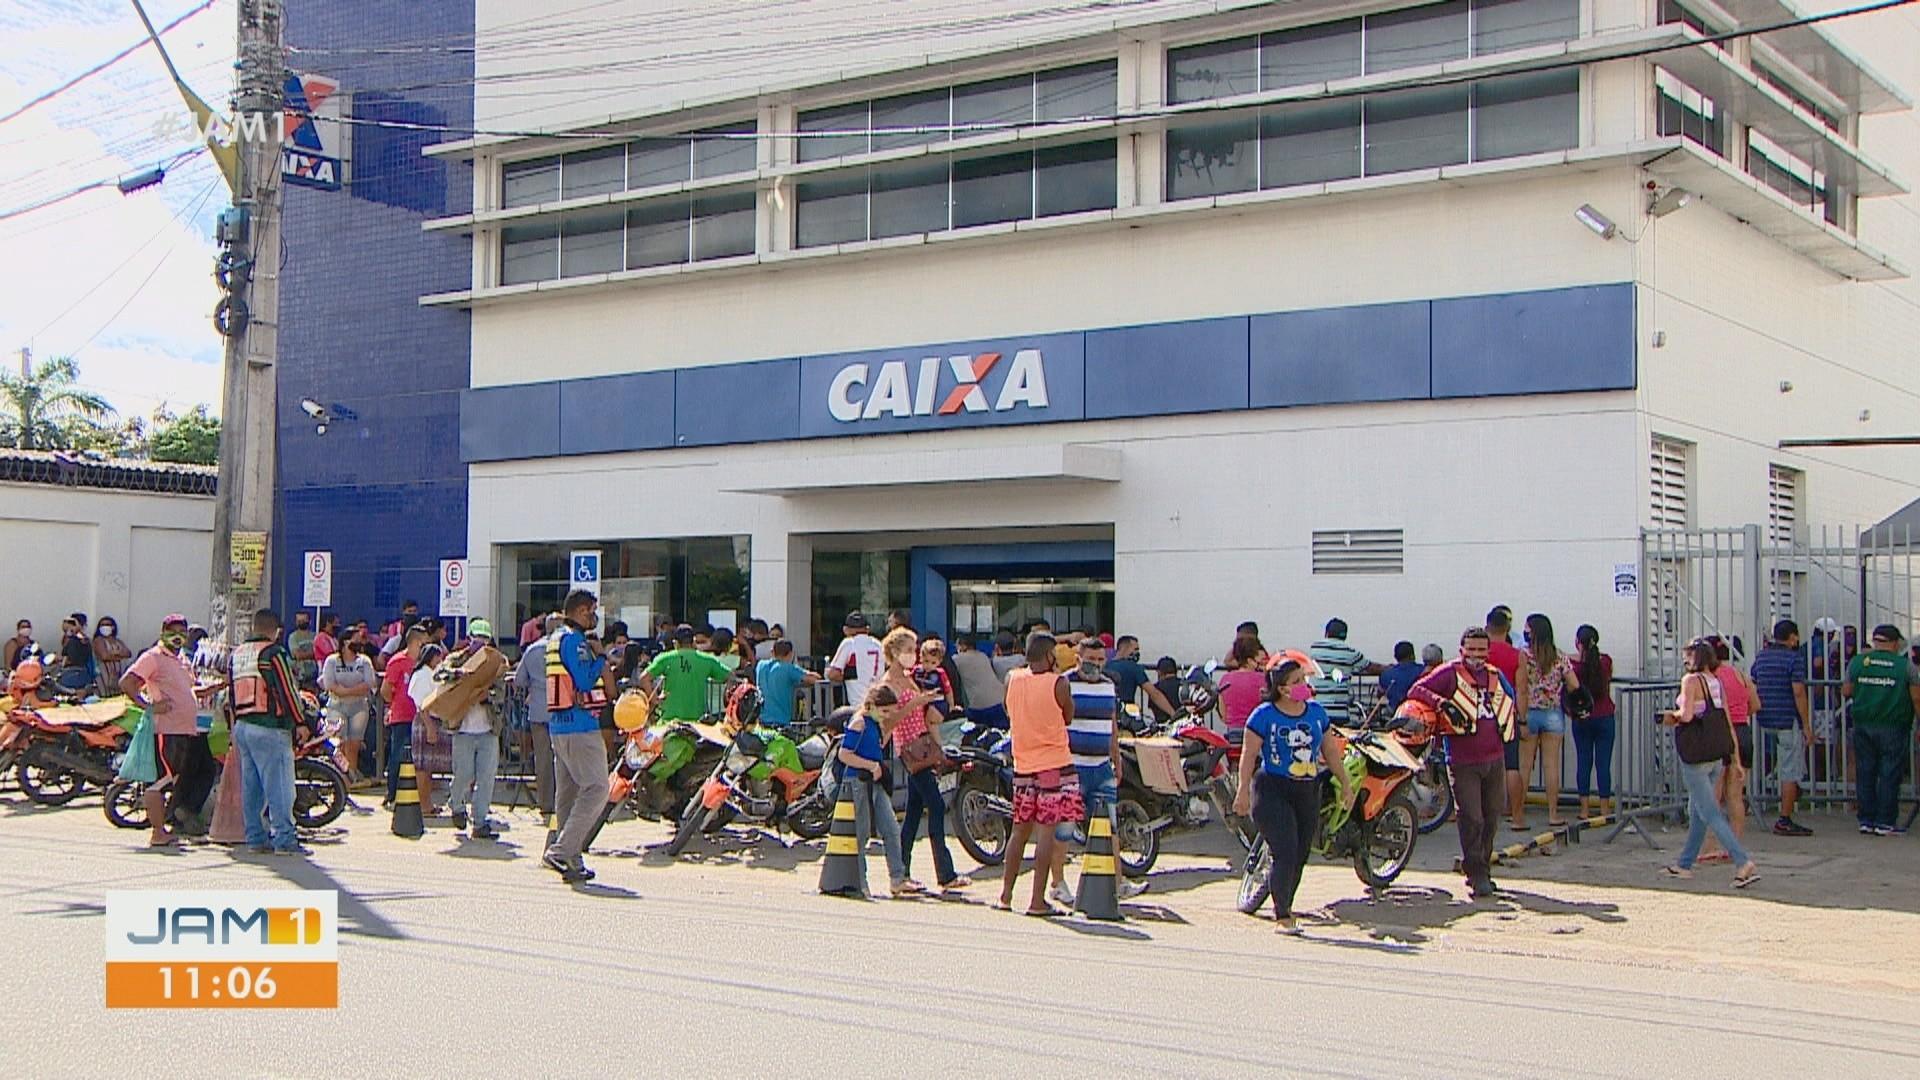 VÍDEOS: Em Manaus, população enfrenta dificuldades com auxílio emergencial; Veja destaques do JAM 1